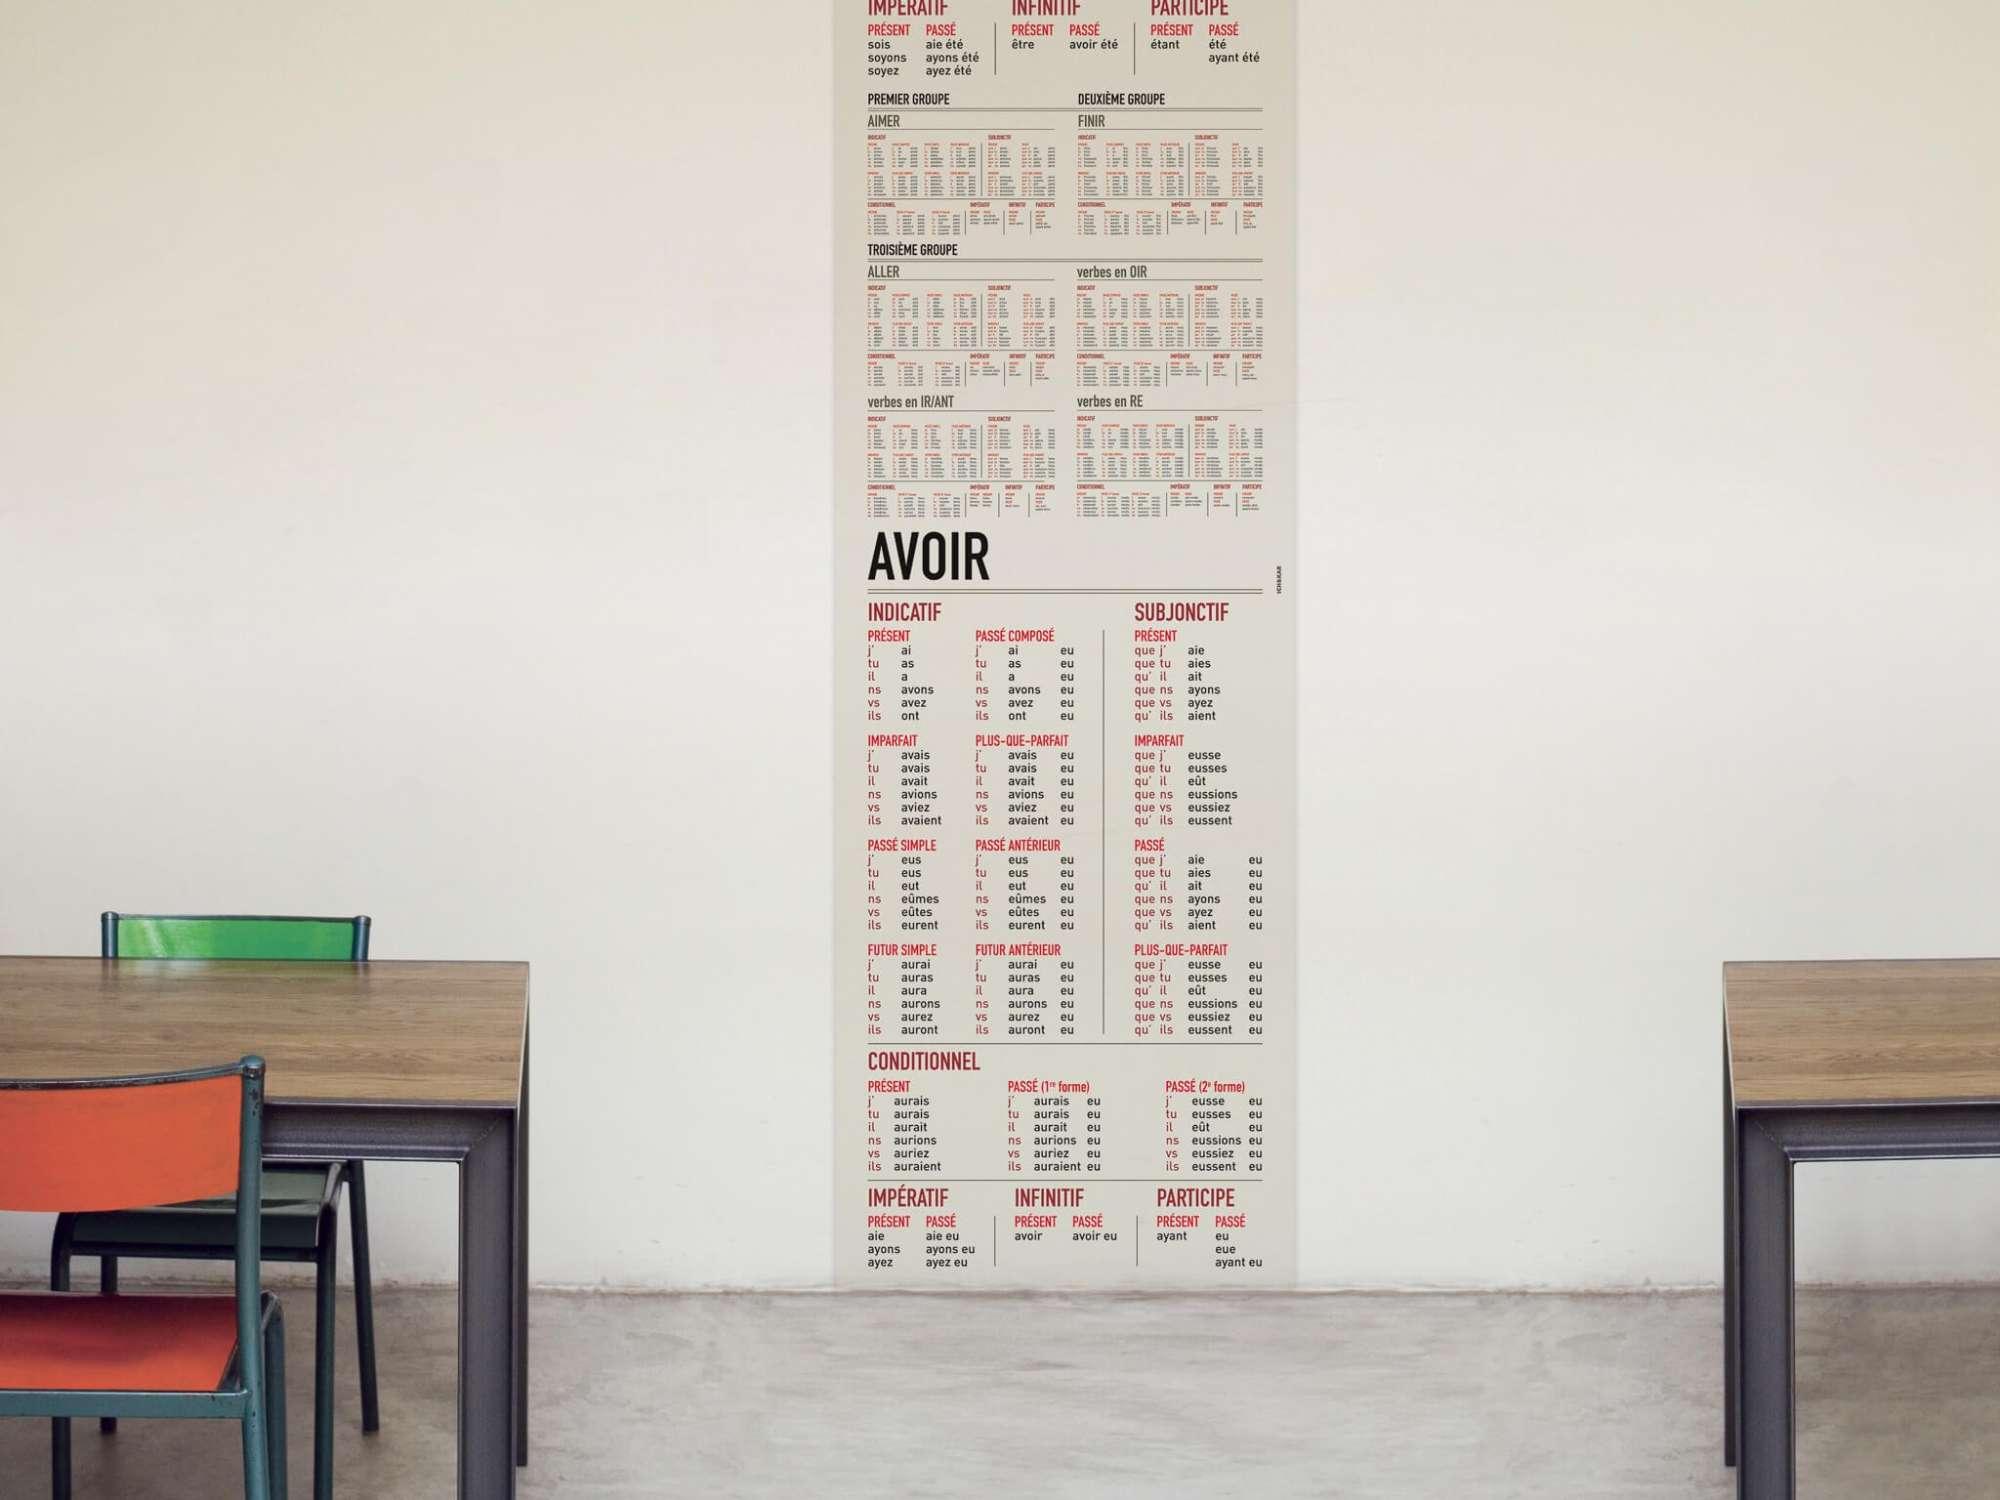 Lé de papier peint être et avoir de la collection watch, look and learn, collé dans une chambre d'enfant, design IchetKar